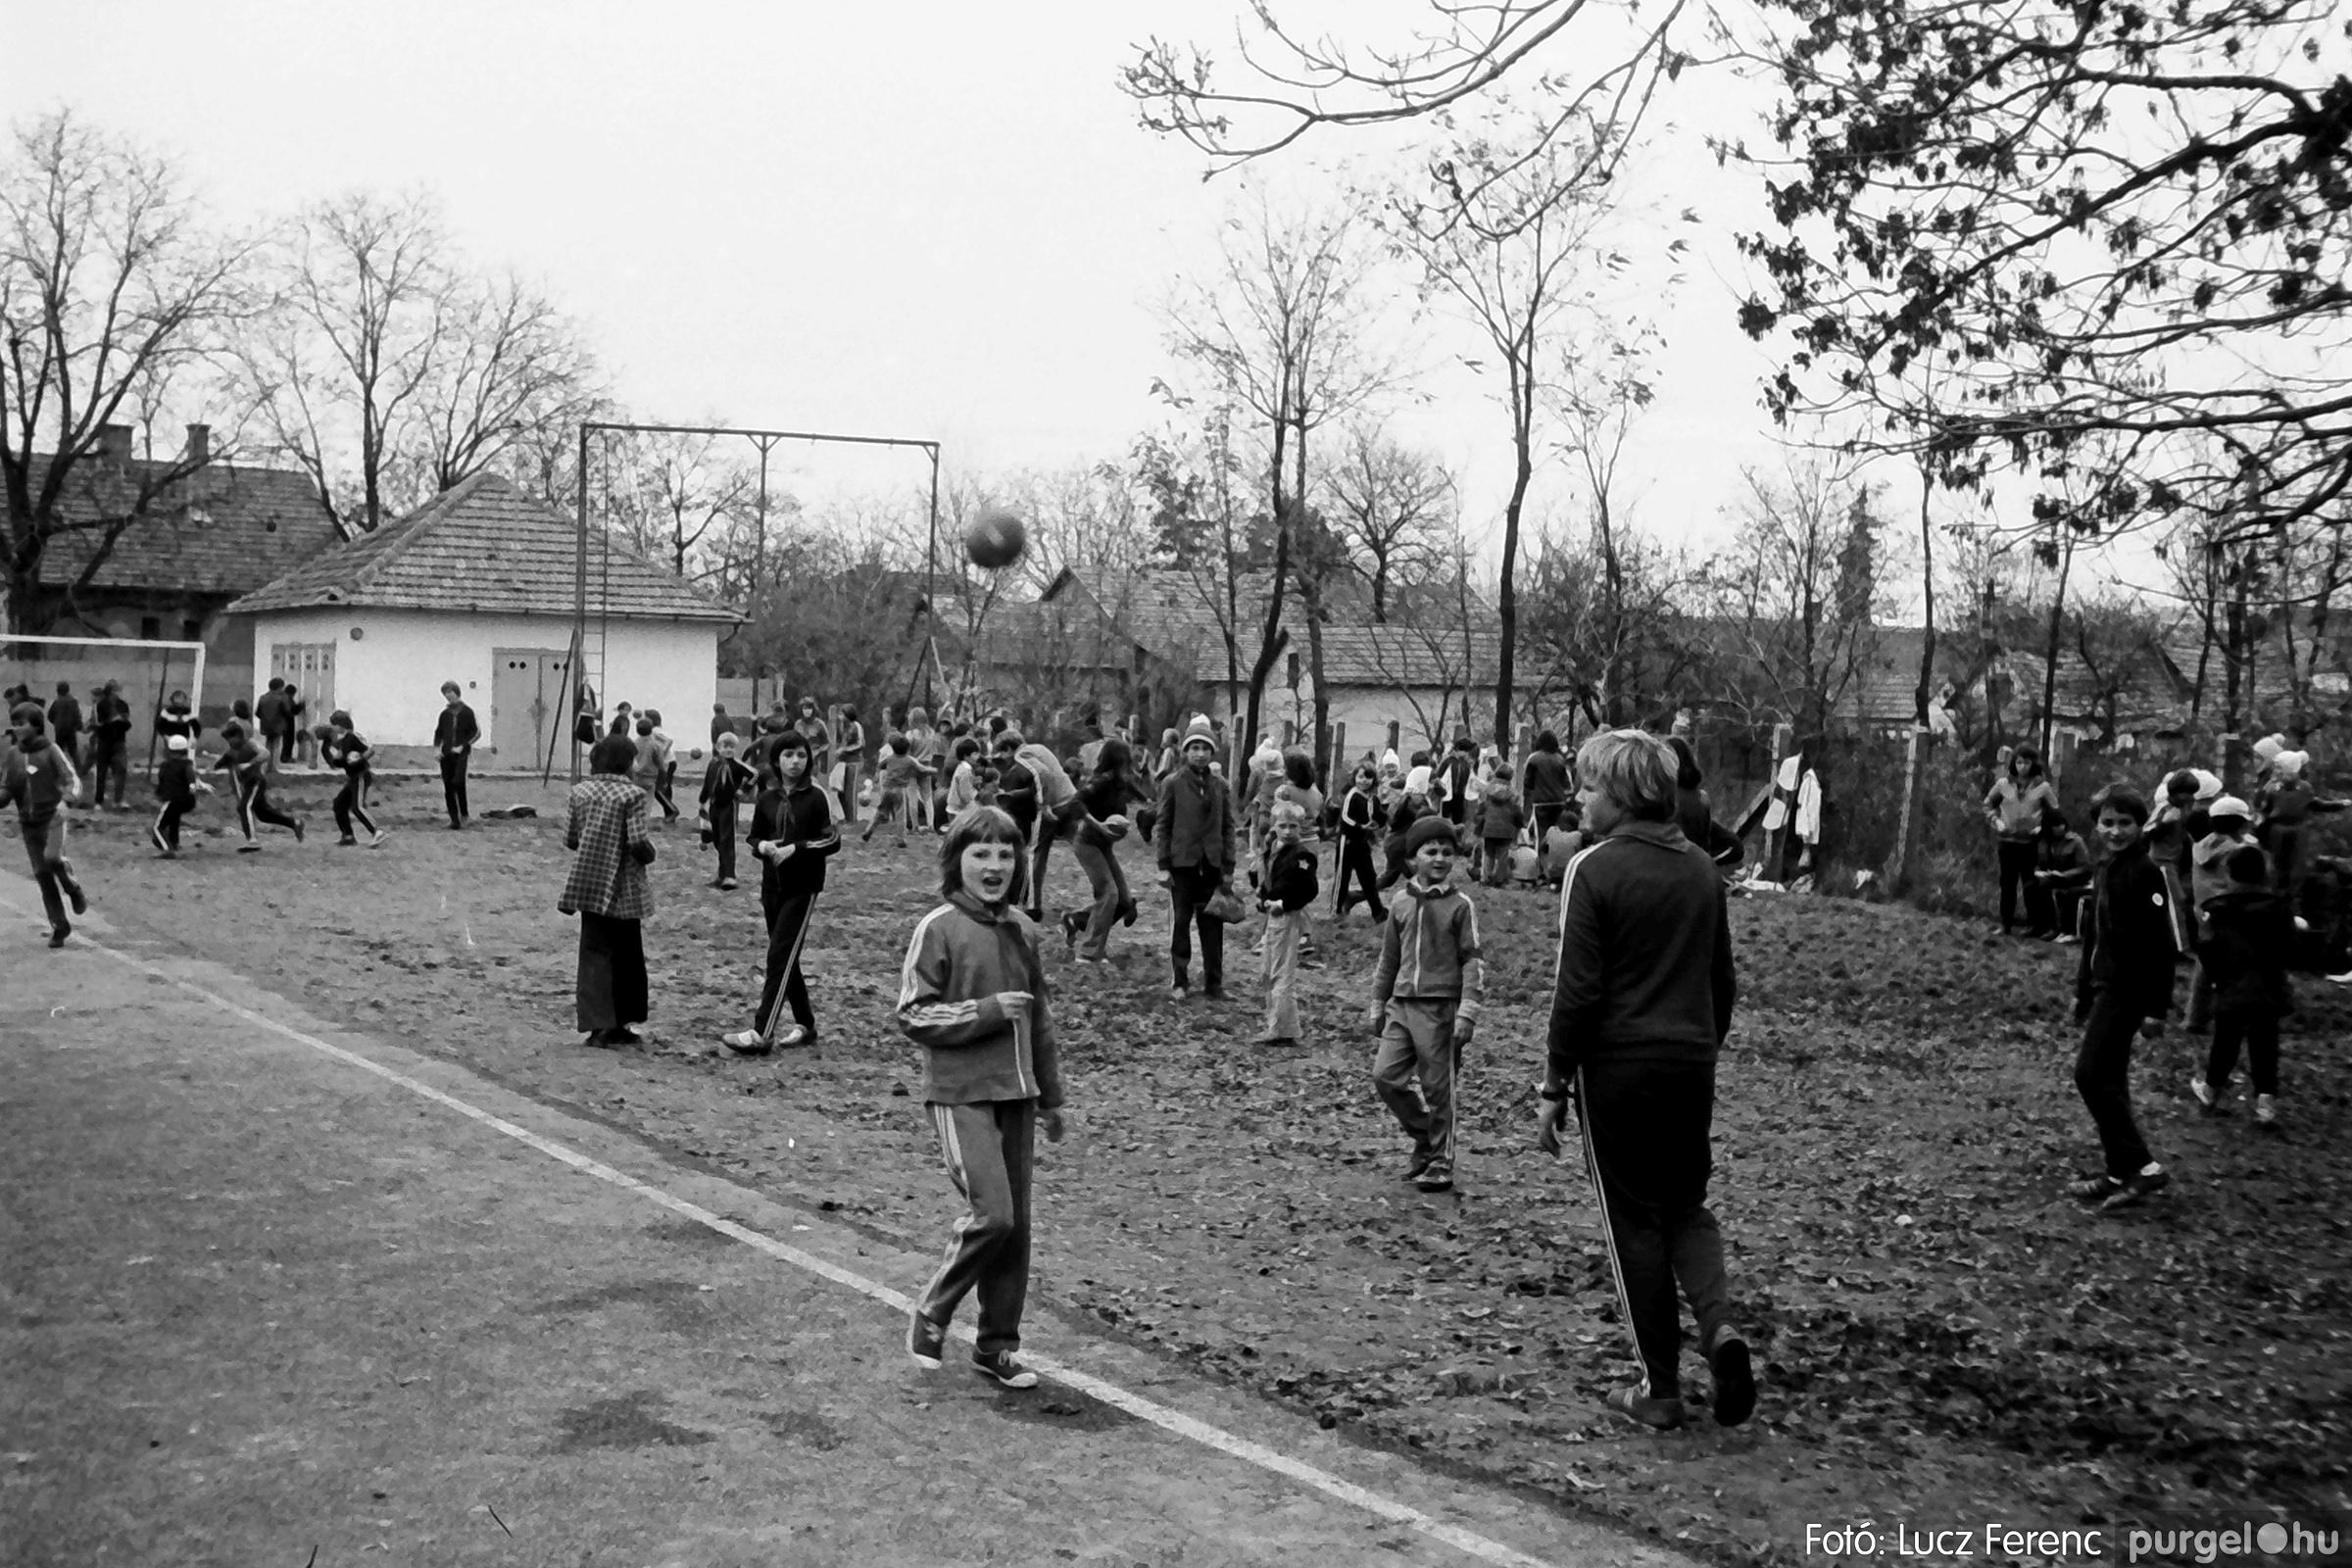 092. 1977. Úttörő rendezvény a Központi Általános Iskolában 006. - Fotó: Lucz Ferenc.jpg